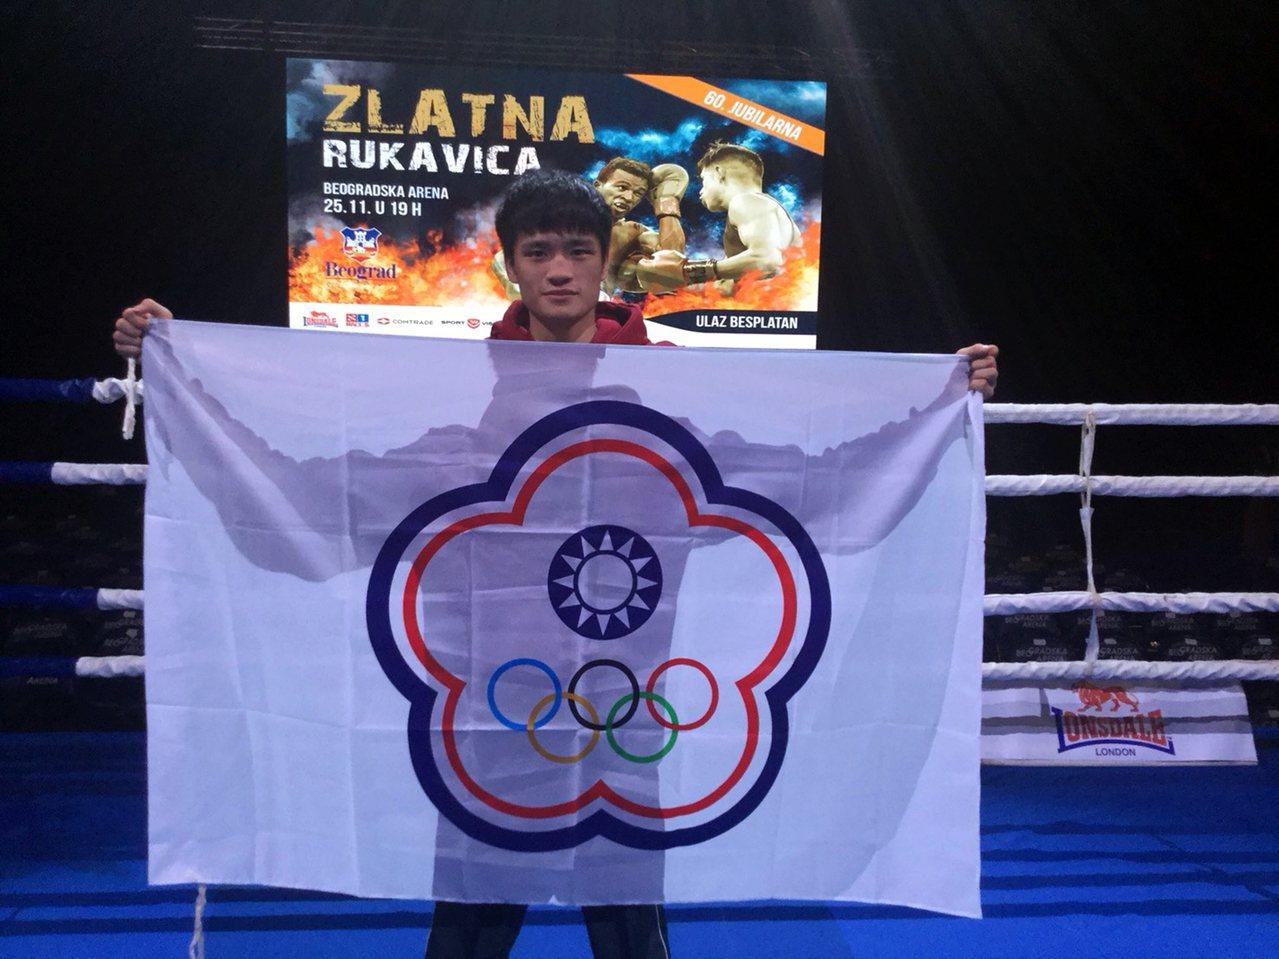 清華體育系二年級學生杜柏緯代表台灣參加塞爾維亞國際拳擊邀請賽,勇奪49公斤量級冠...